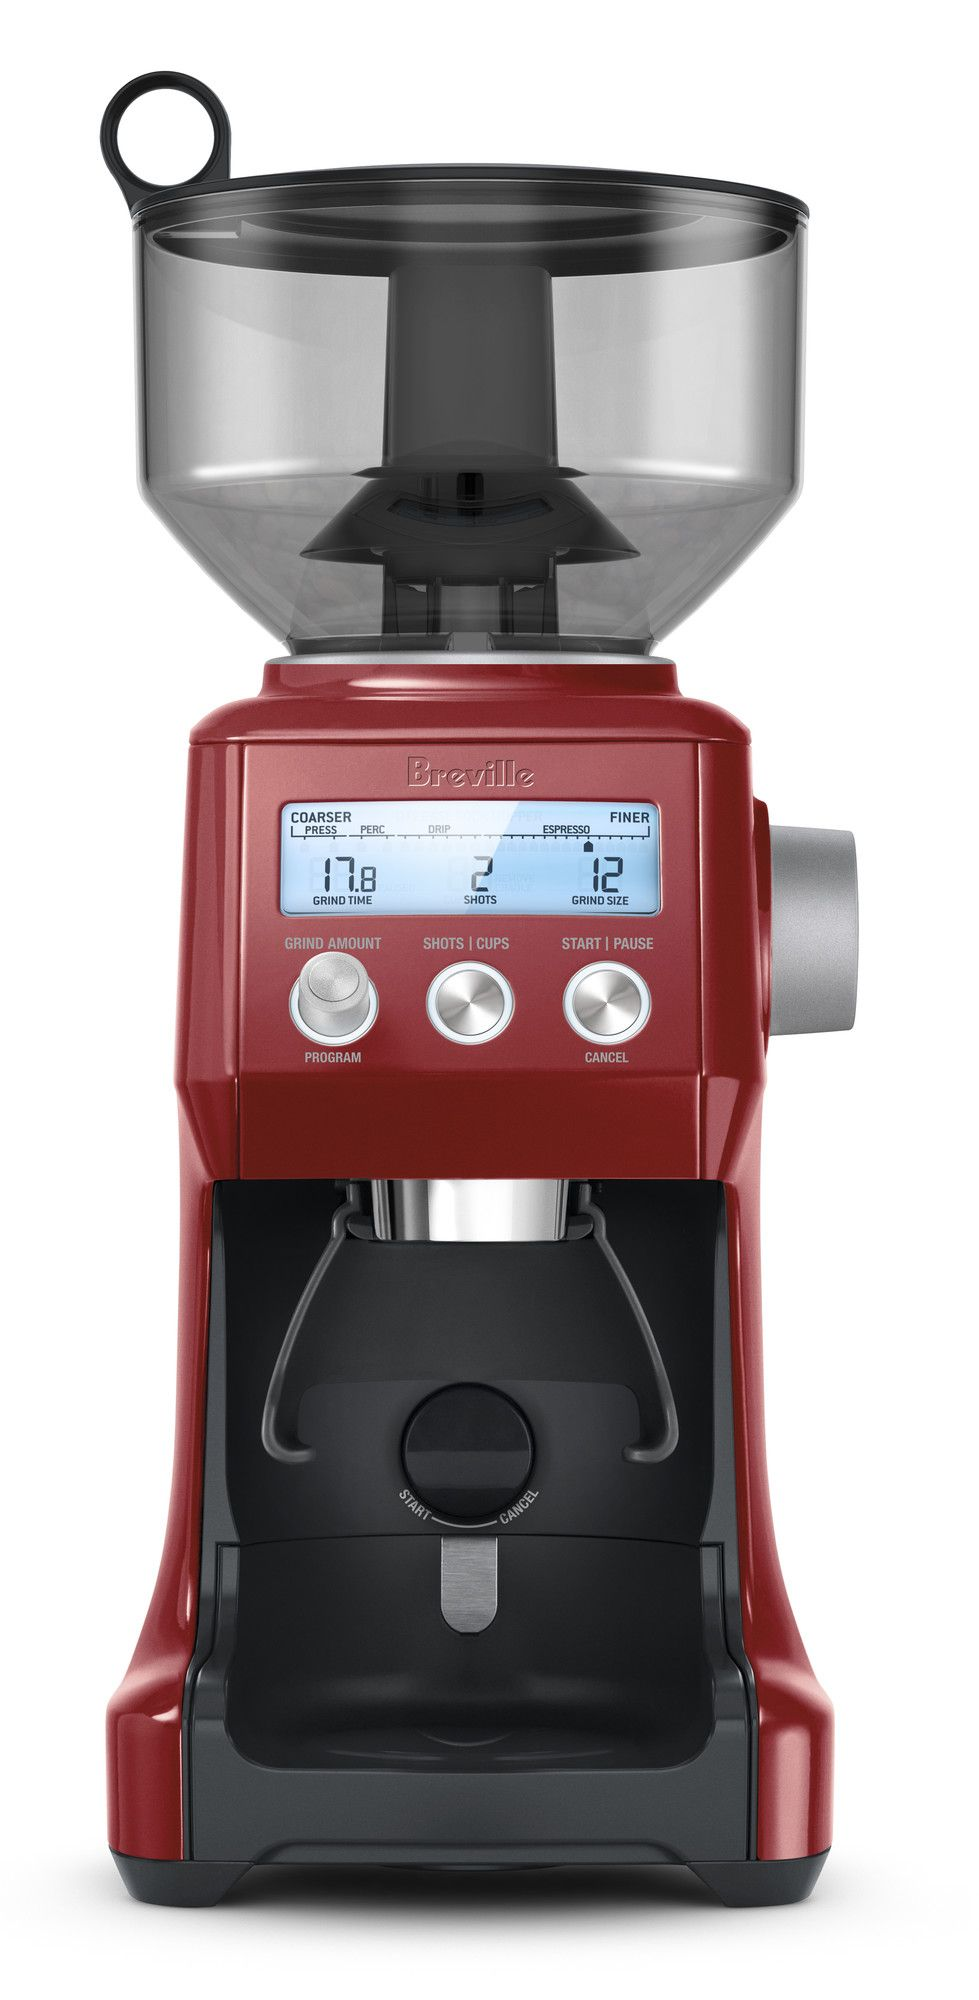 Breville Smart Burr Coffee Grinder Burr coffee grinder